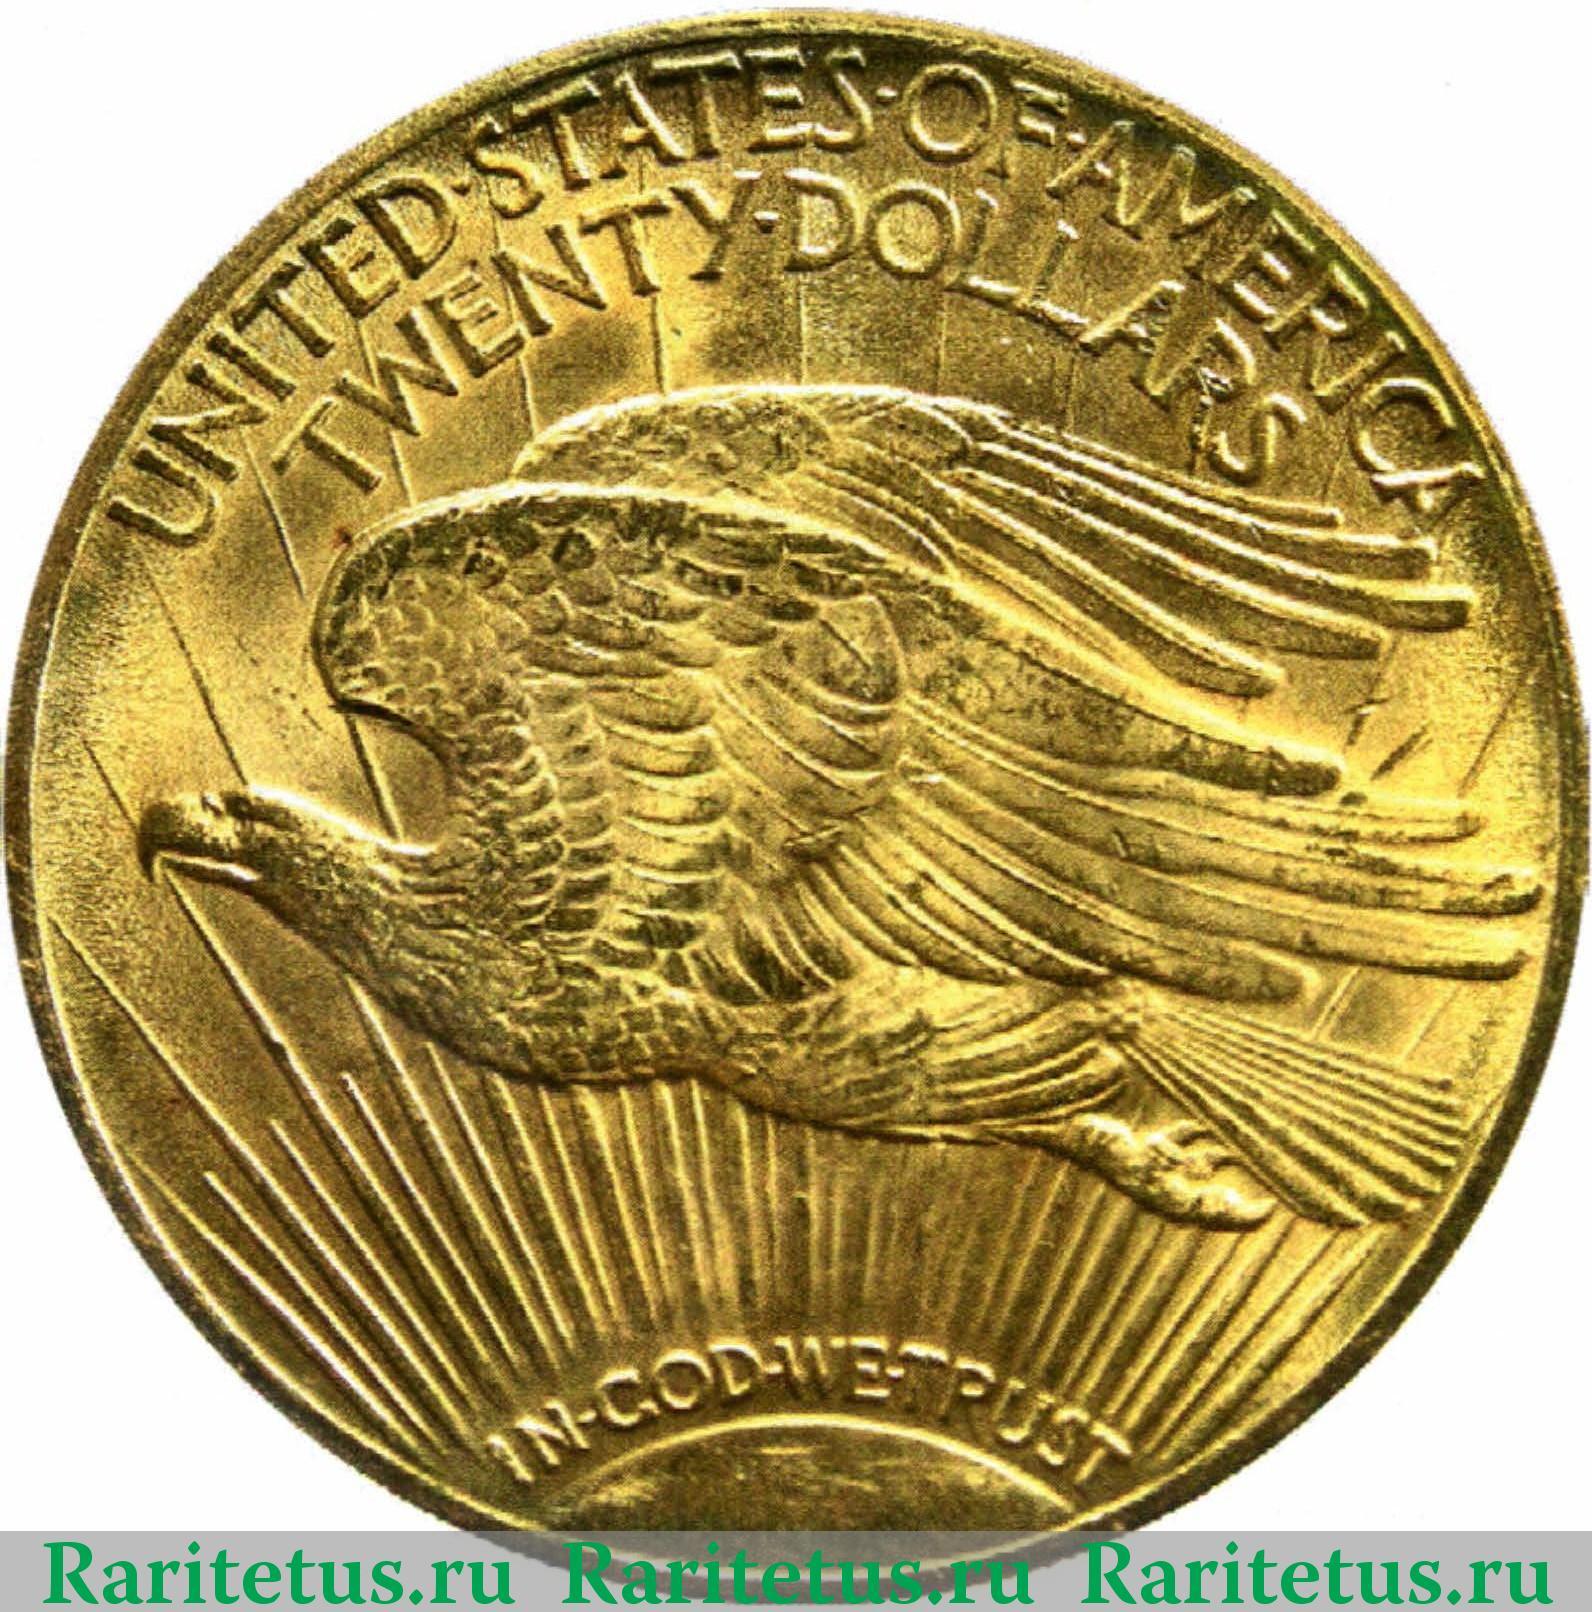 Стомост монет 1999 сент 20 продать дорогие монеты россии